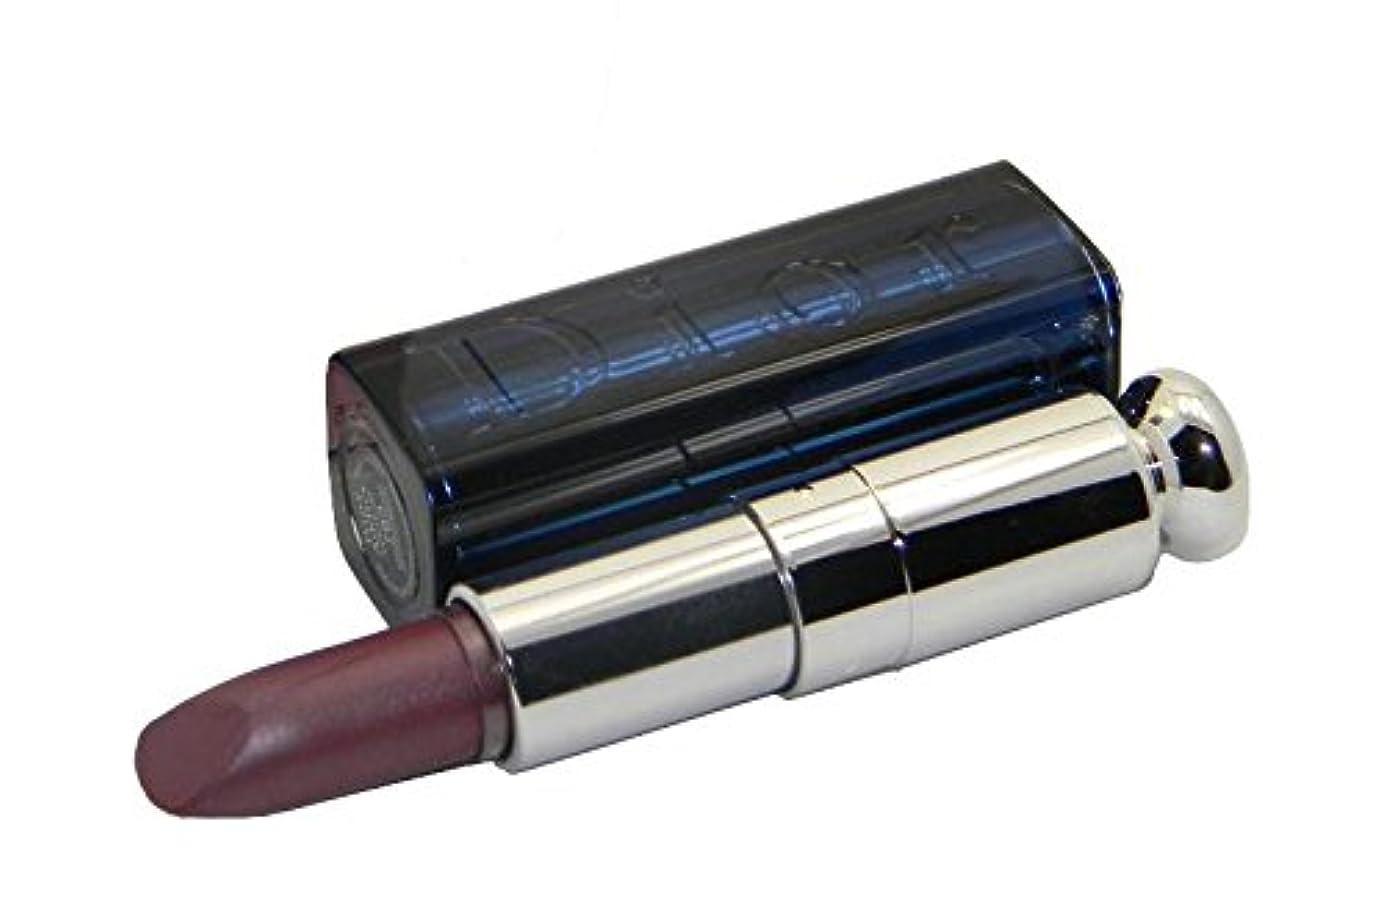 ニコチン重要割合Dior Addict High Impact Weightless Lipcolor 783 Opulent Mauve(ディオール アディクト ハイインパクト ウエイトレス リップカラー リップスティック 783 オピュレントモーヴ) [並行輸入品]